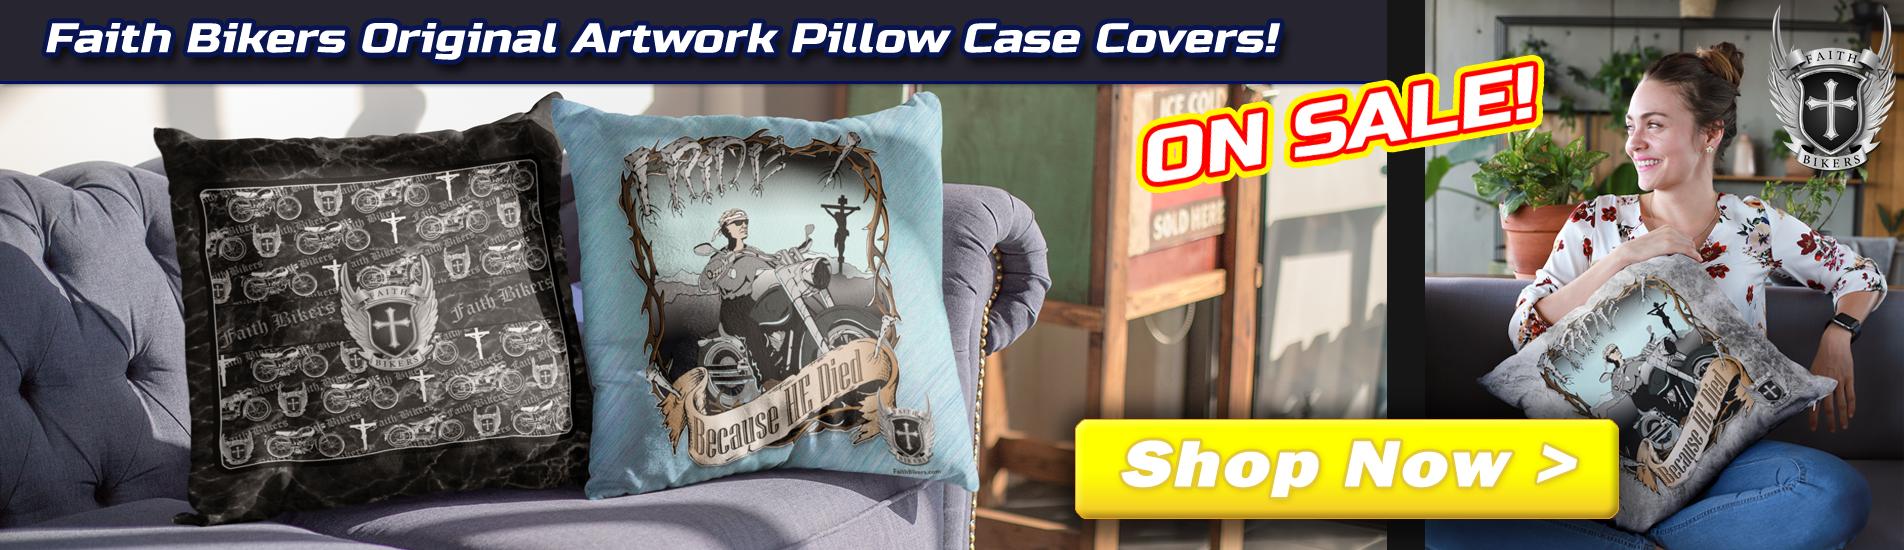 Pillow Case Sale!